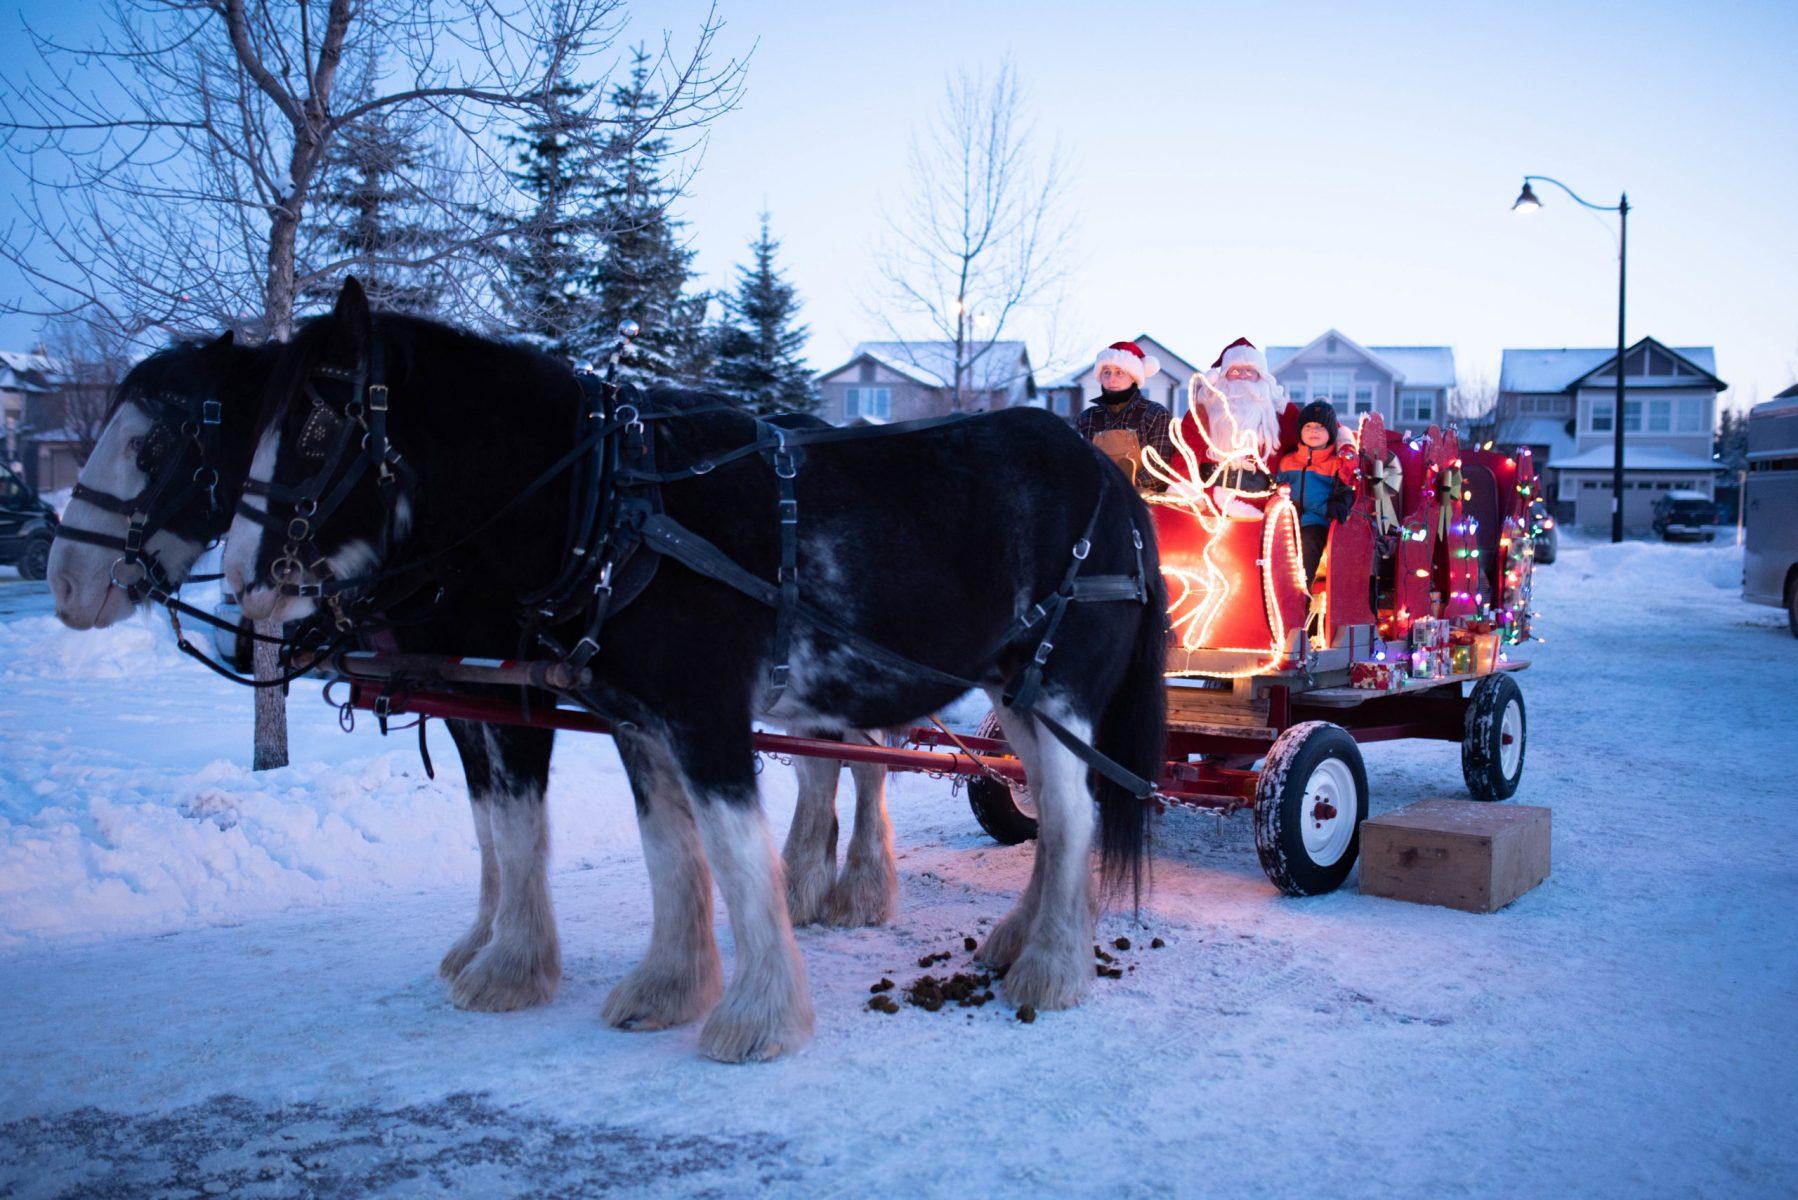 Auburn-Bay-Christmas-Parade-2019-49-scaled